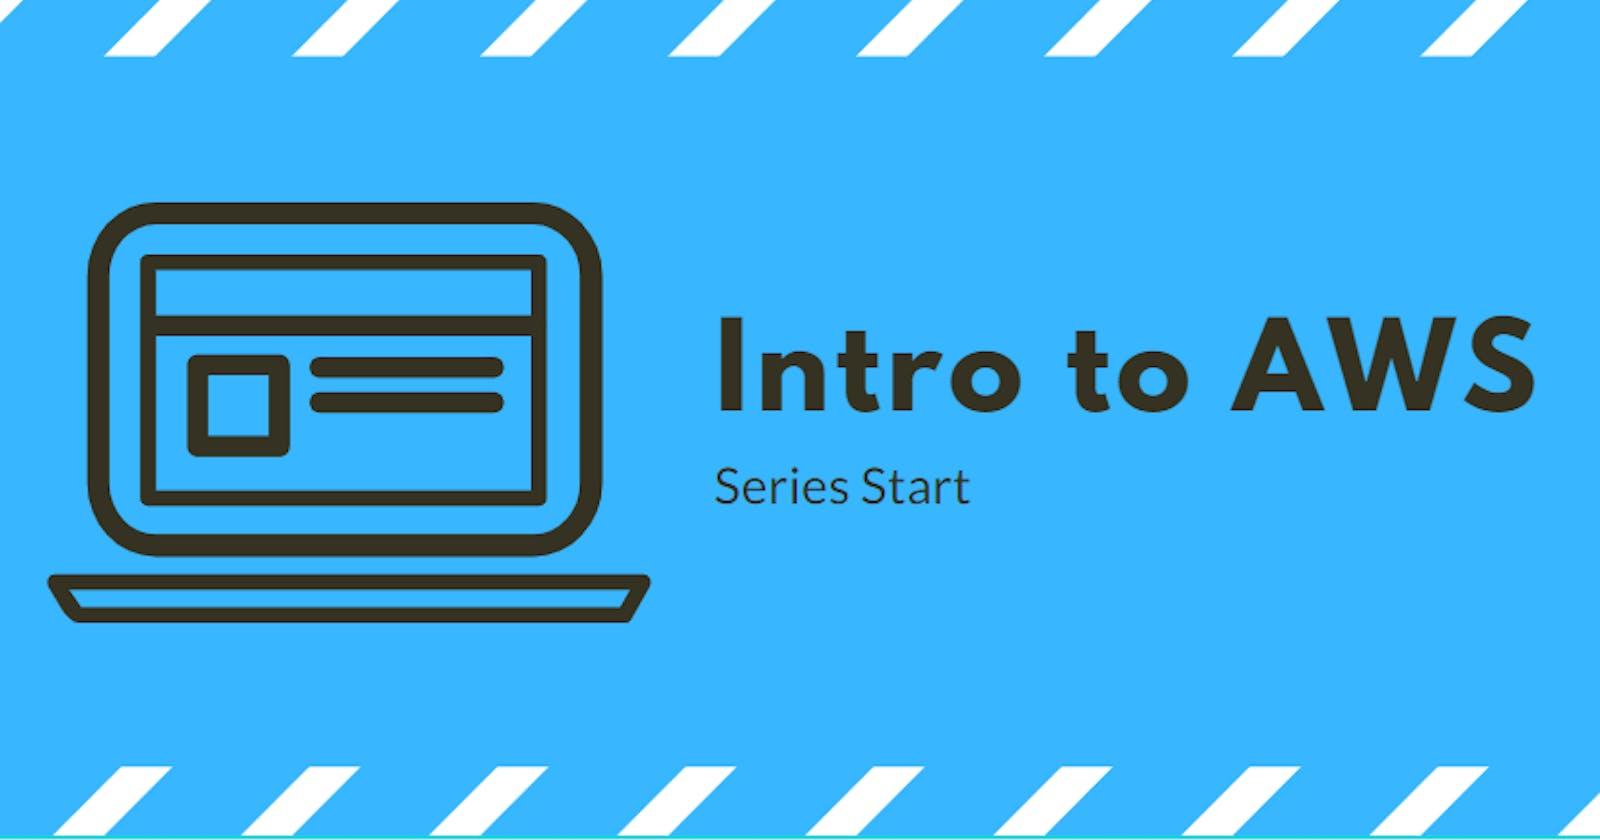 Intro to AWS (Series Start)